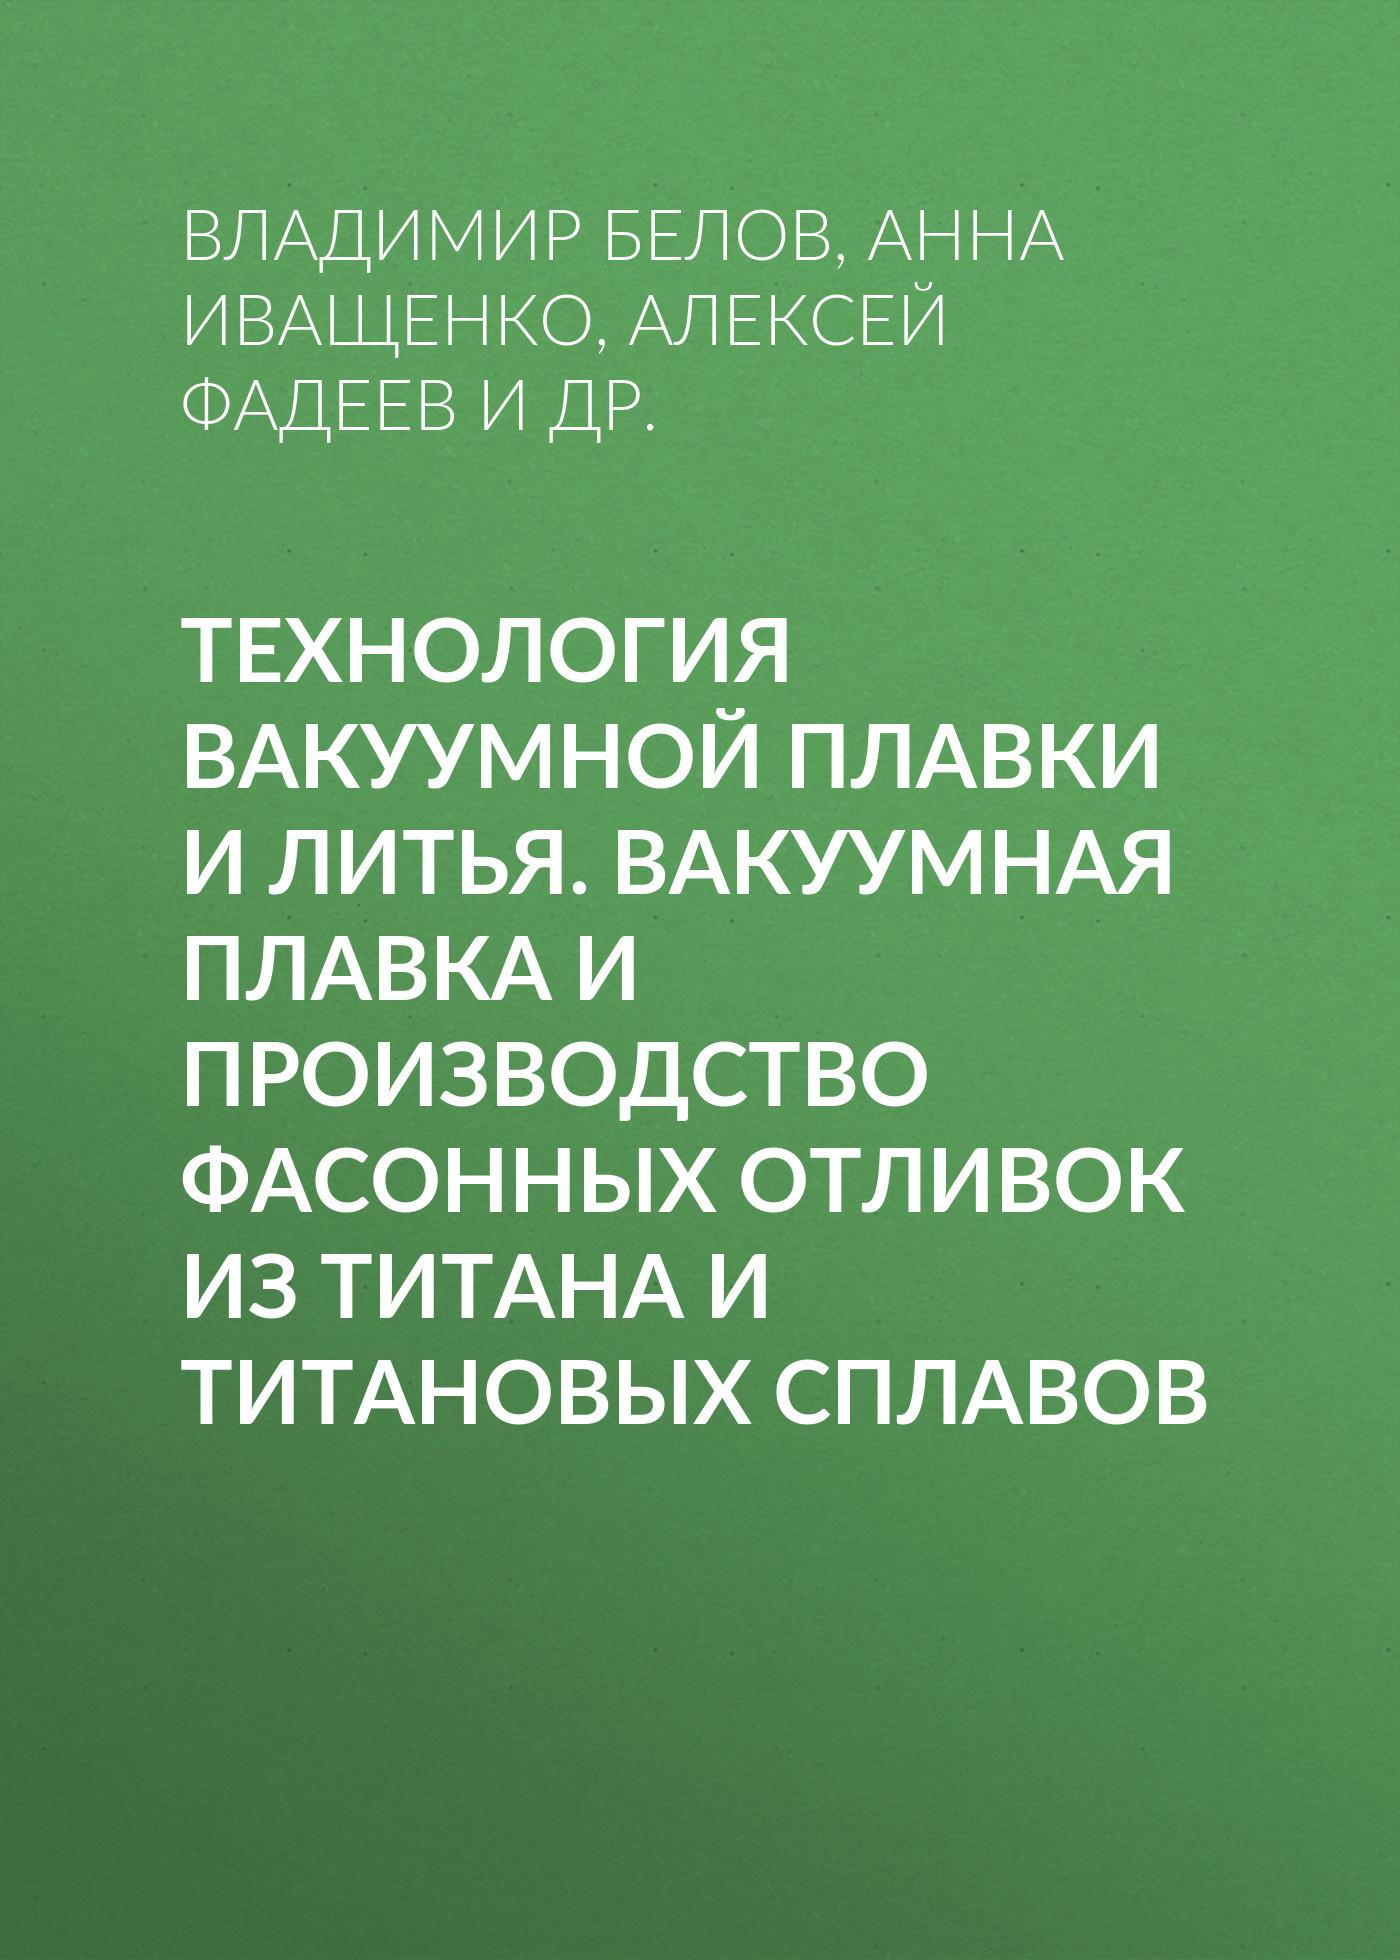 Владимир Белов Технология вакуумной плавки и литья. Вакуумная плавка и производство фасонных отливок из титана и титановых сплавов николай белов фазовый состав алюминиевых сплавов